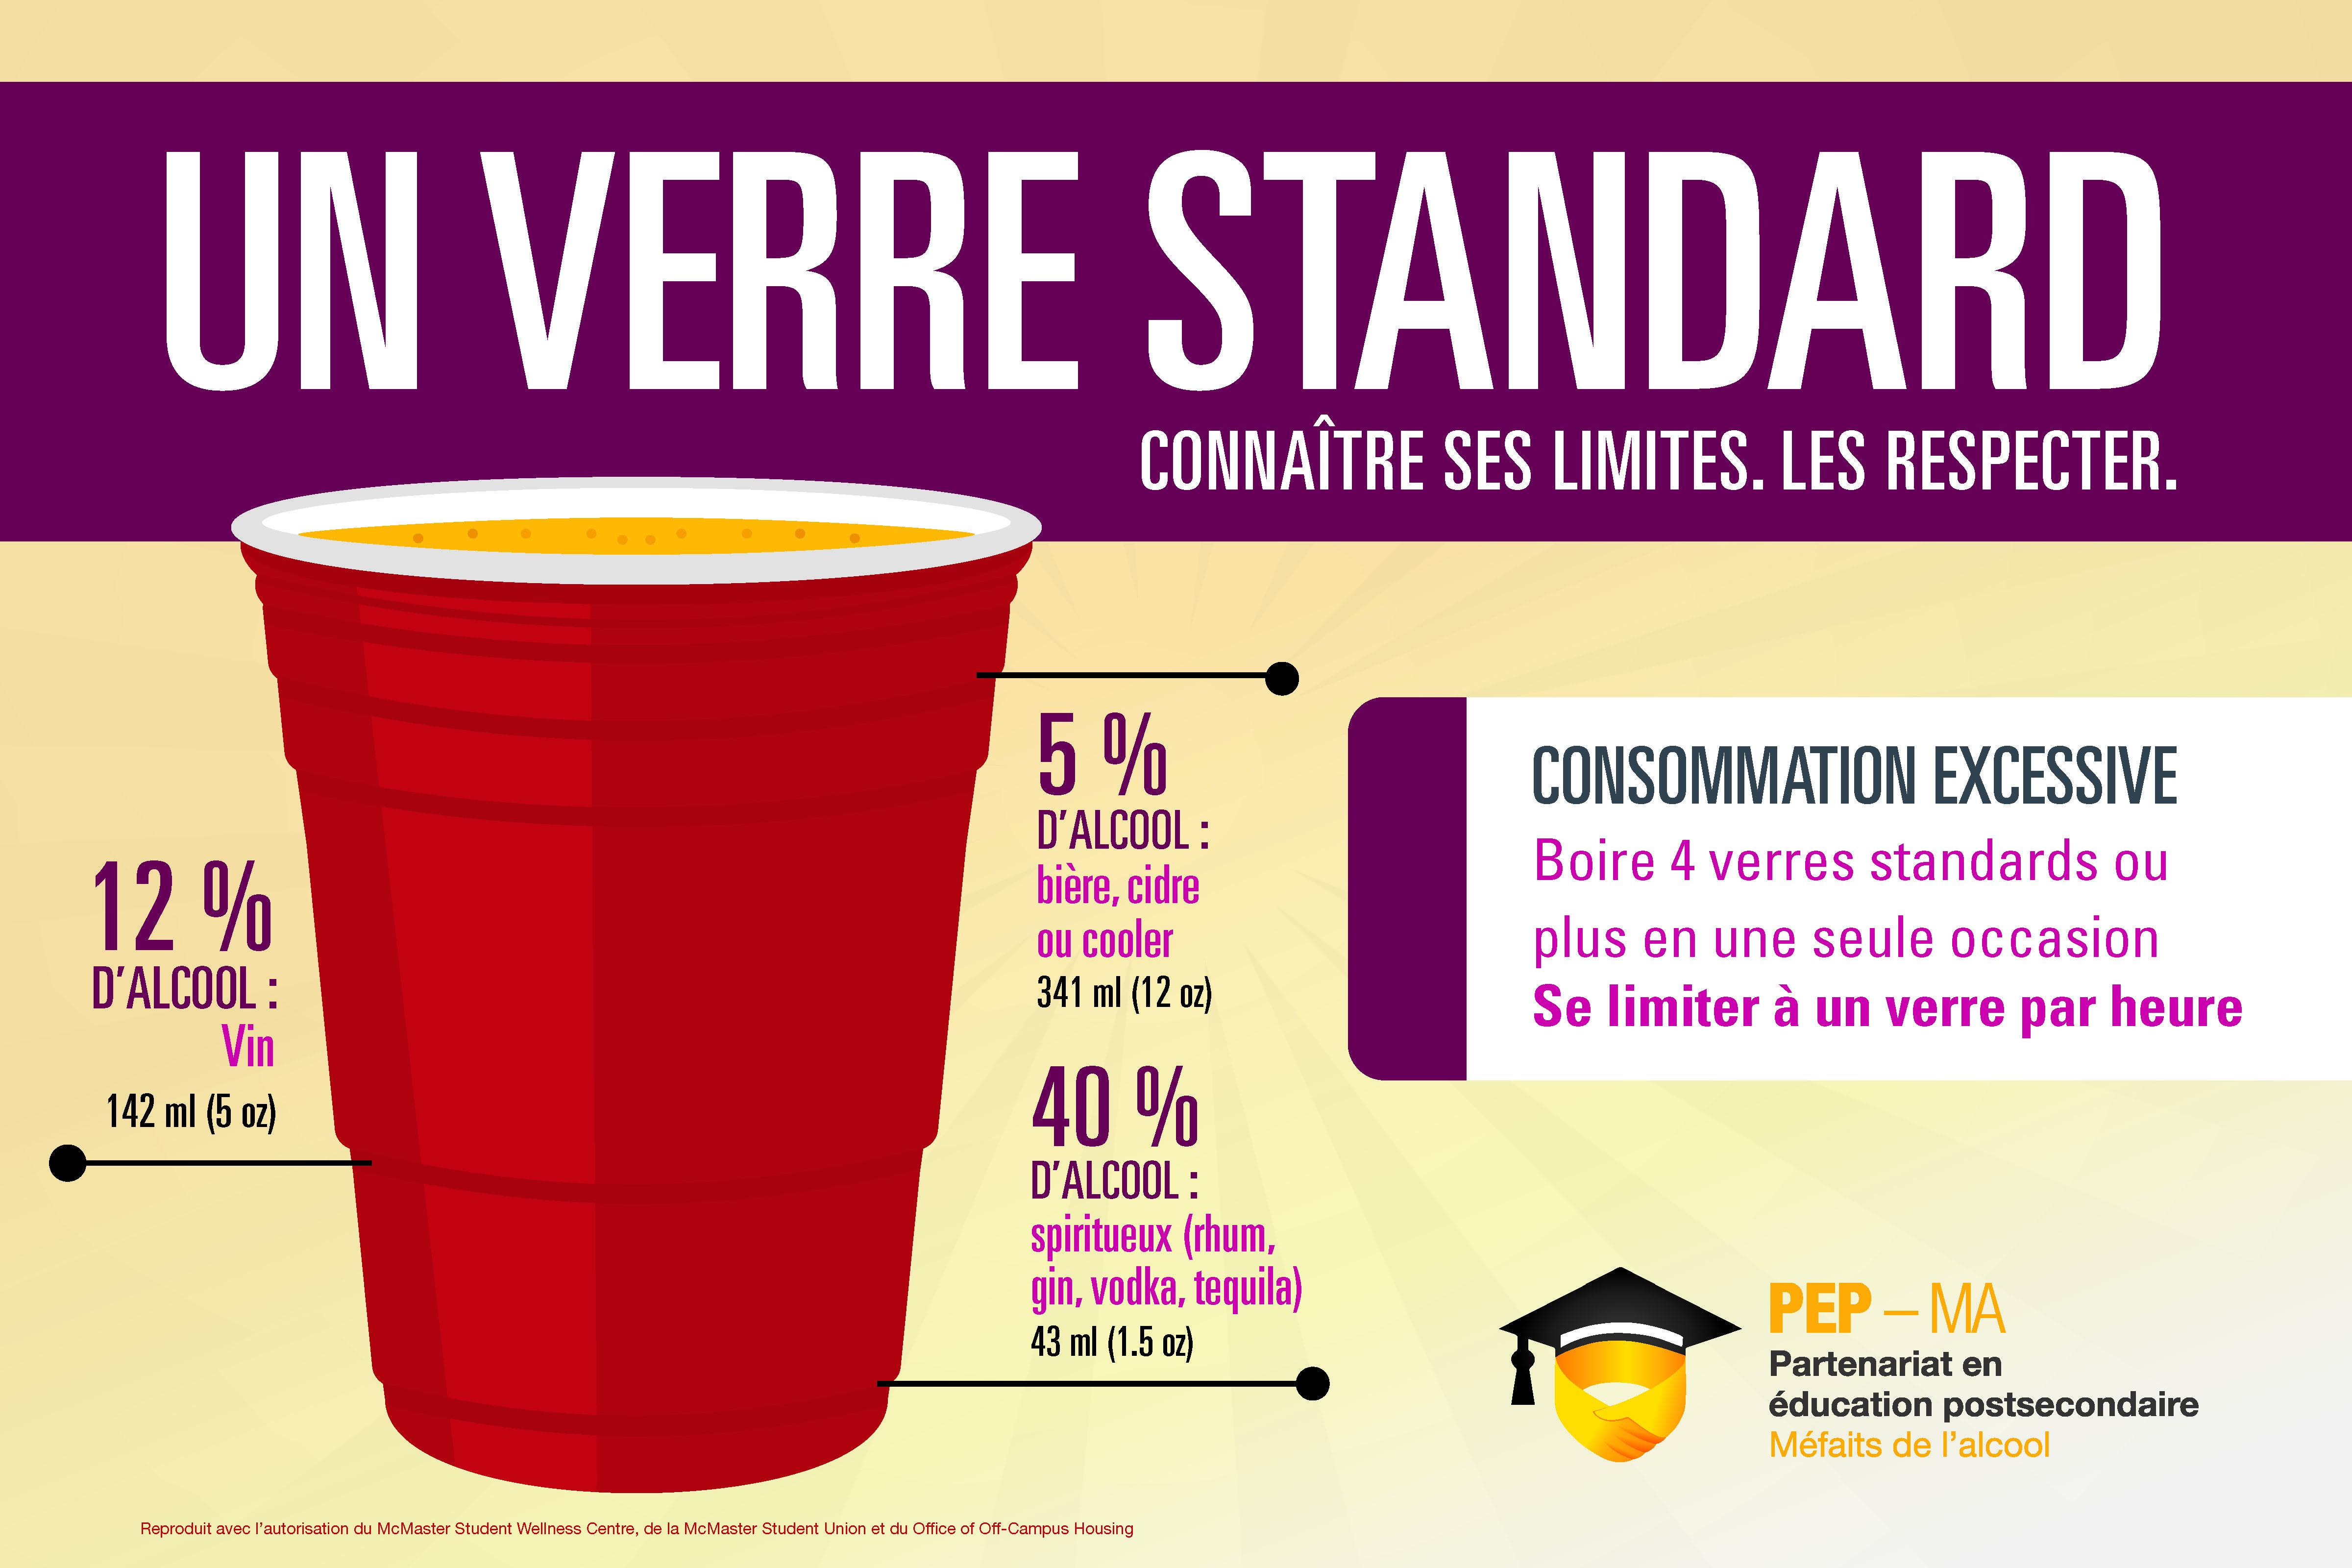 Un verre standard : connaÎtre ses limites [affiche]